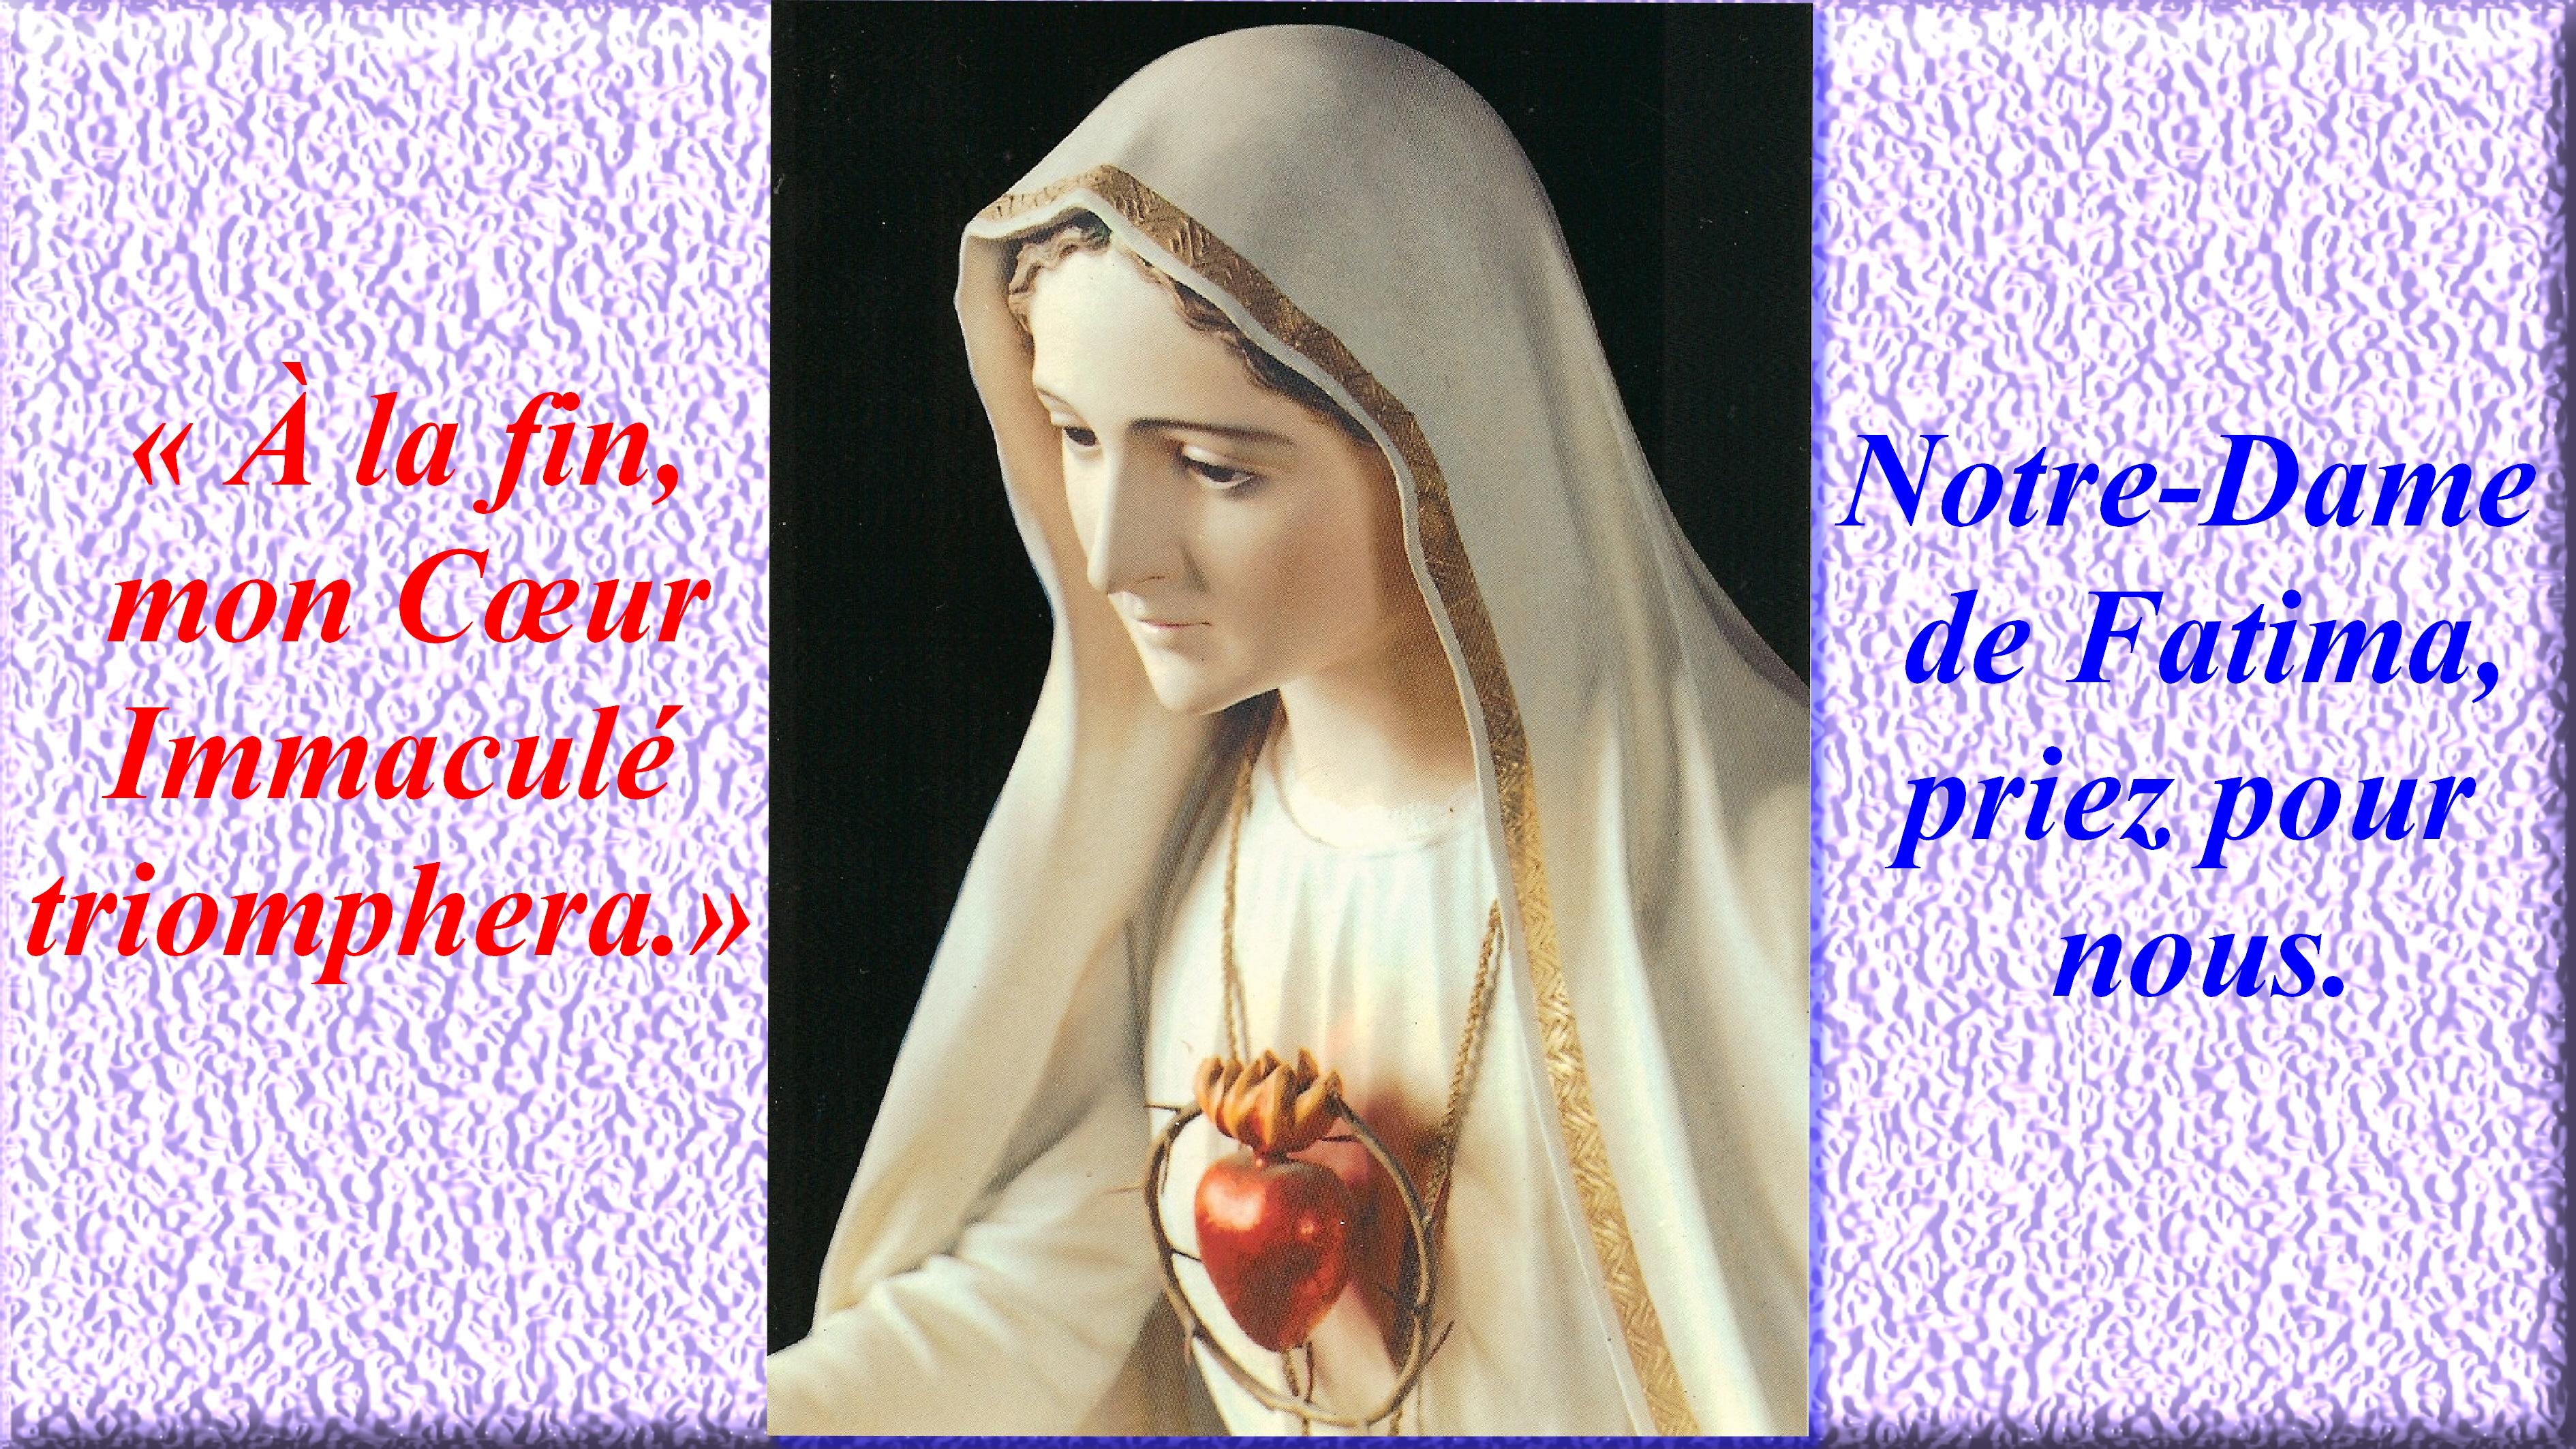 CALENDRIER CATHOLIQUE 2019 (Cantiques, Prières & Images) - Page 2 Notre-dame-de-fat...mphera.--55ed610